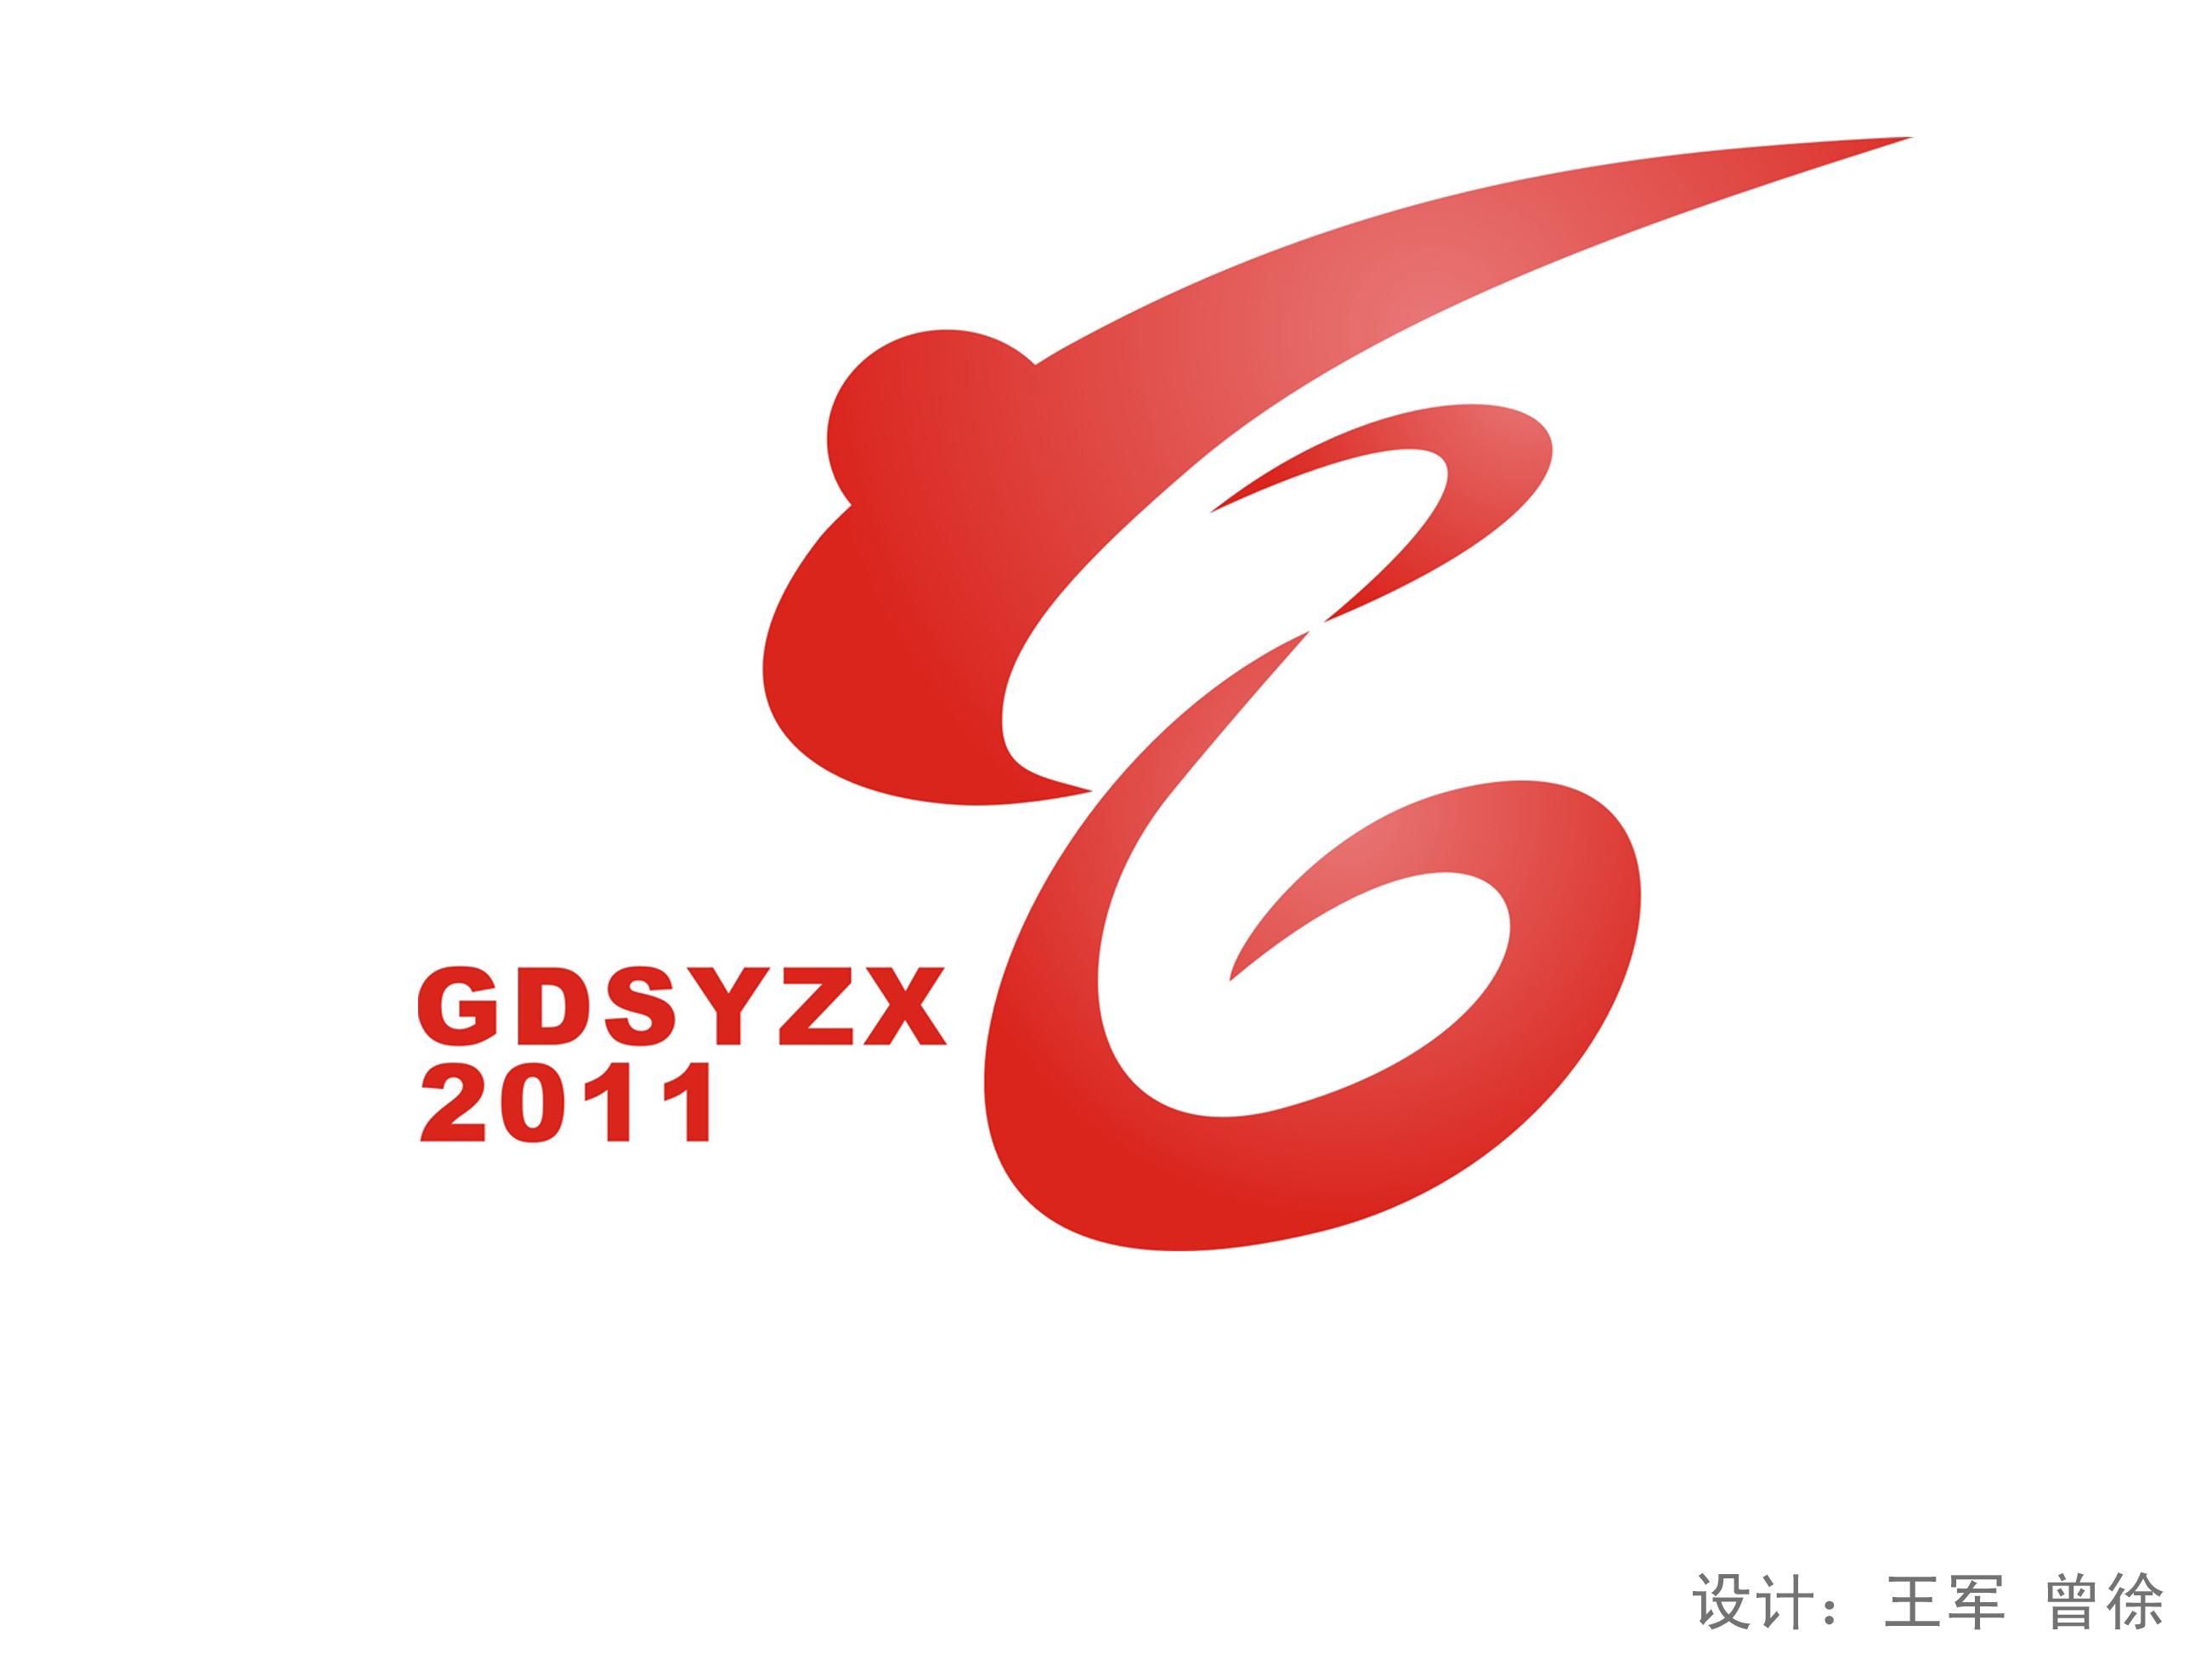 第八届体育节暨第四十一届田径运动会logo图片